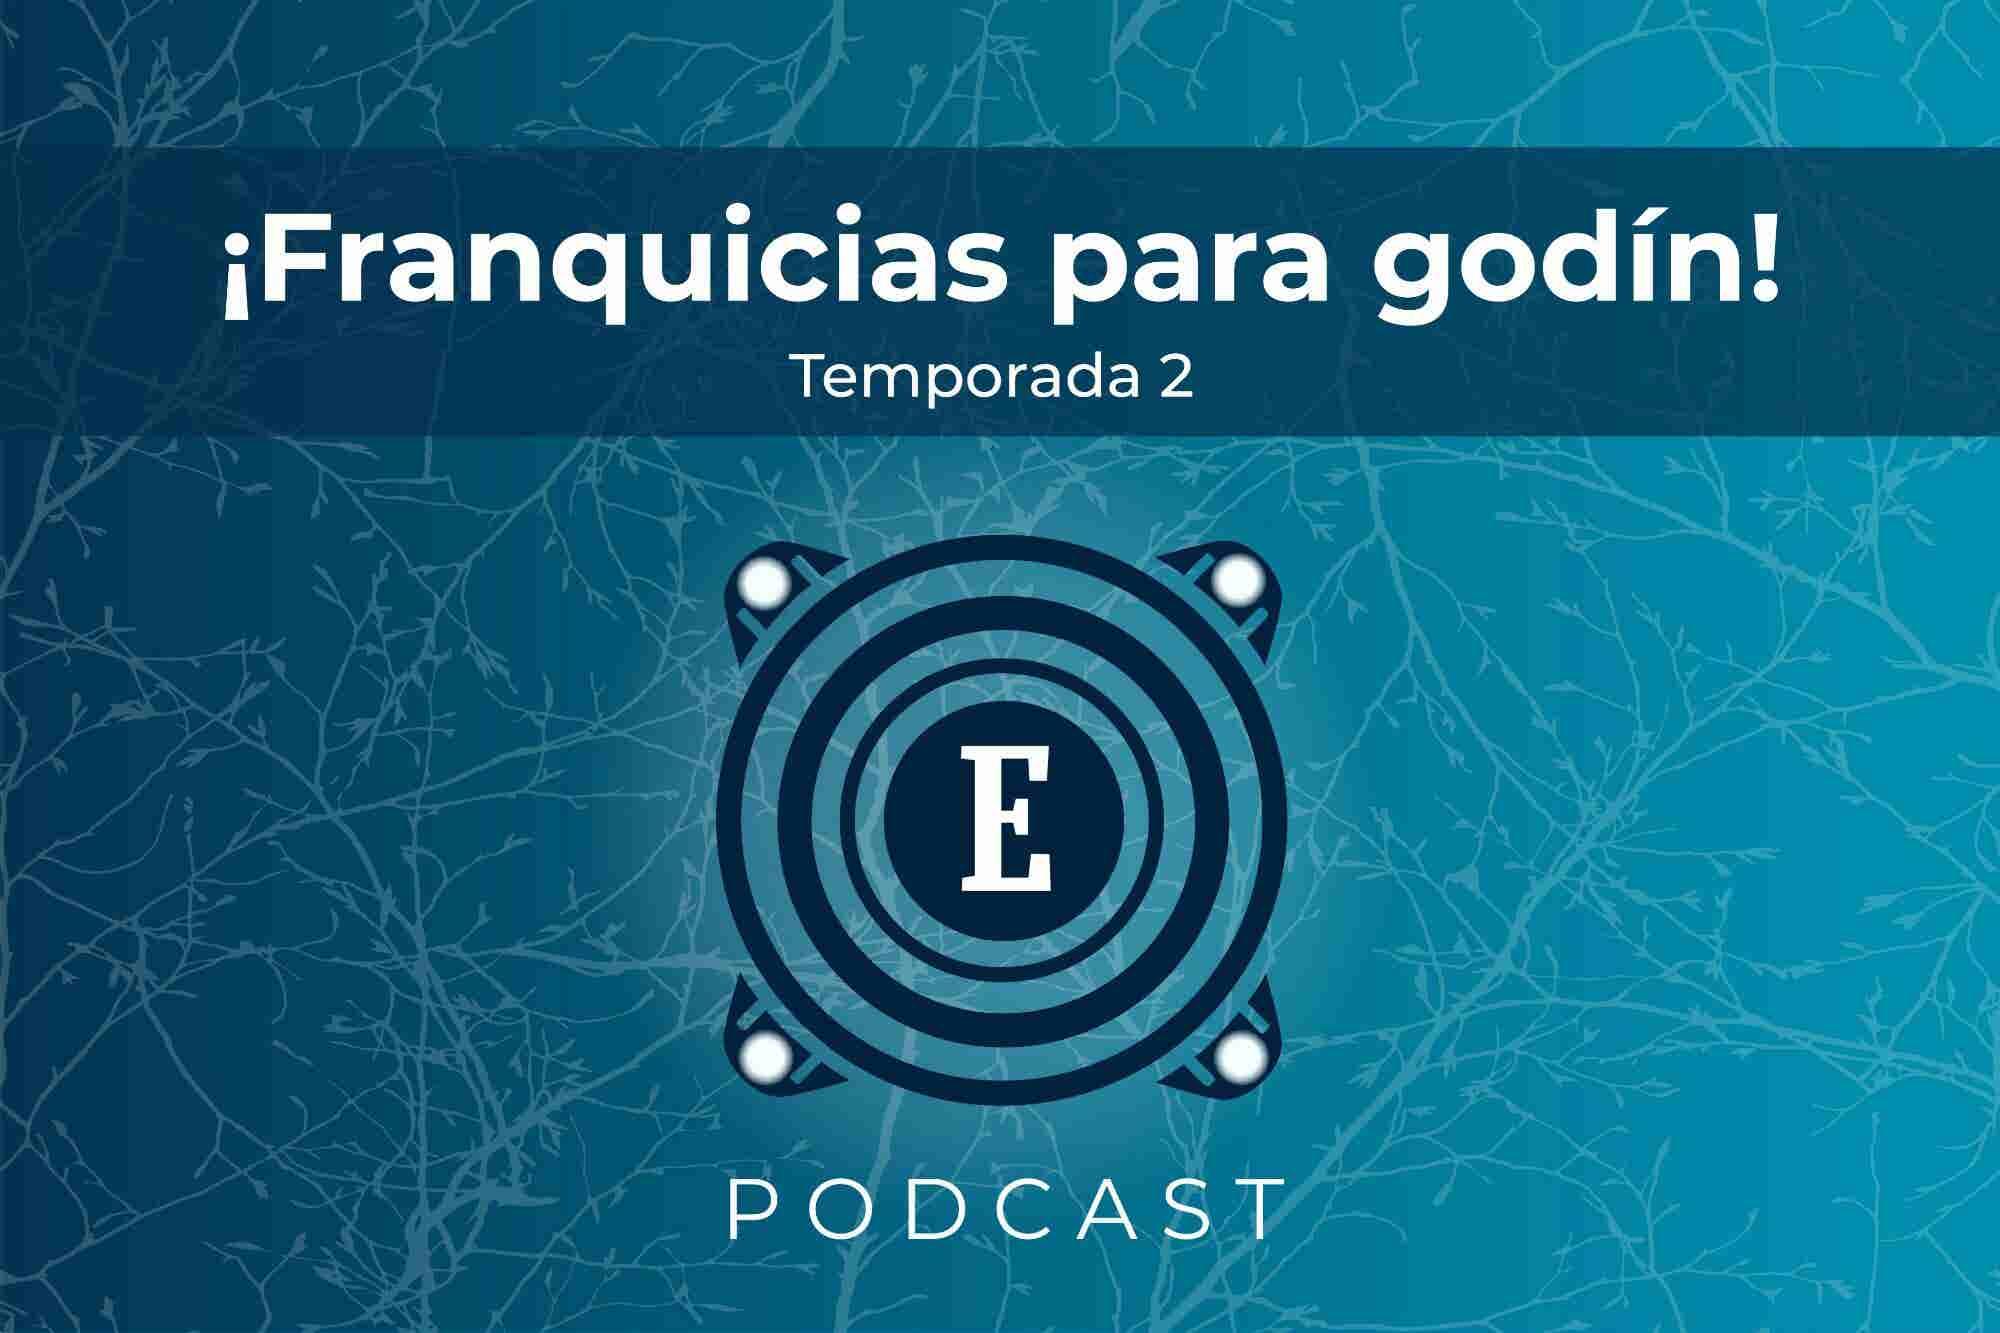 ¿Cansado de ser godín? Escucha el nuevo episodio del podcast de Entrep...